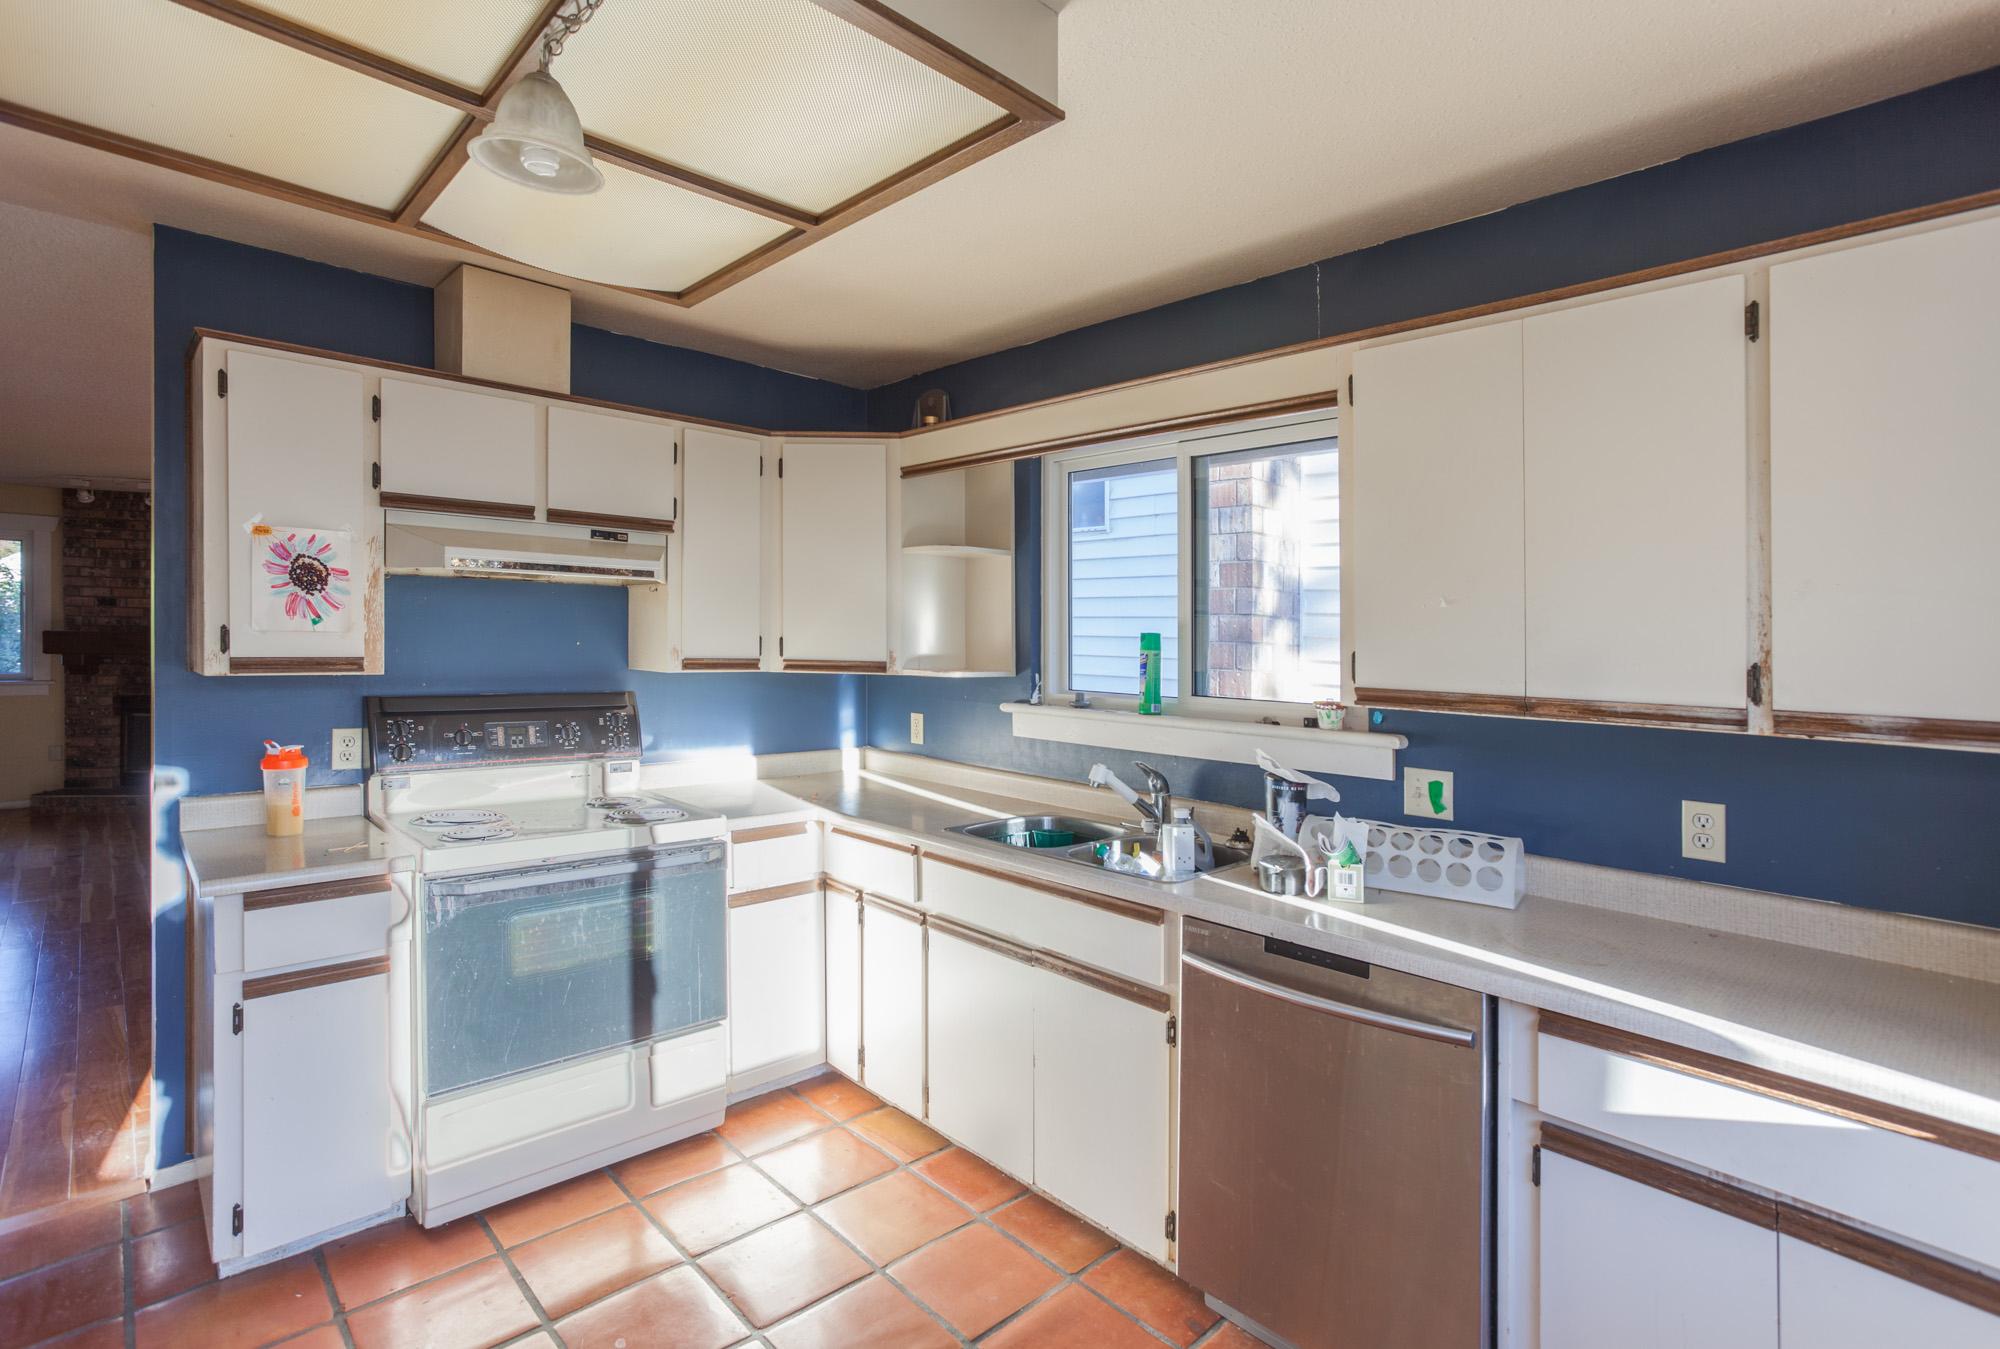 CK__kitchen.jpg